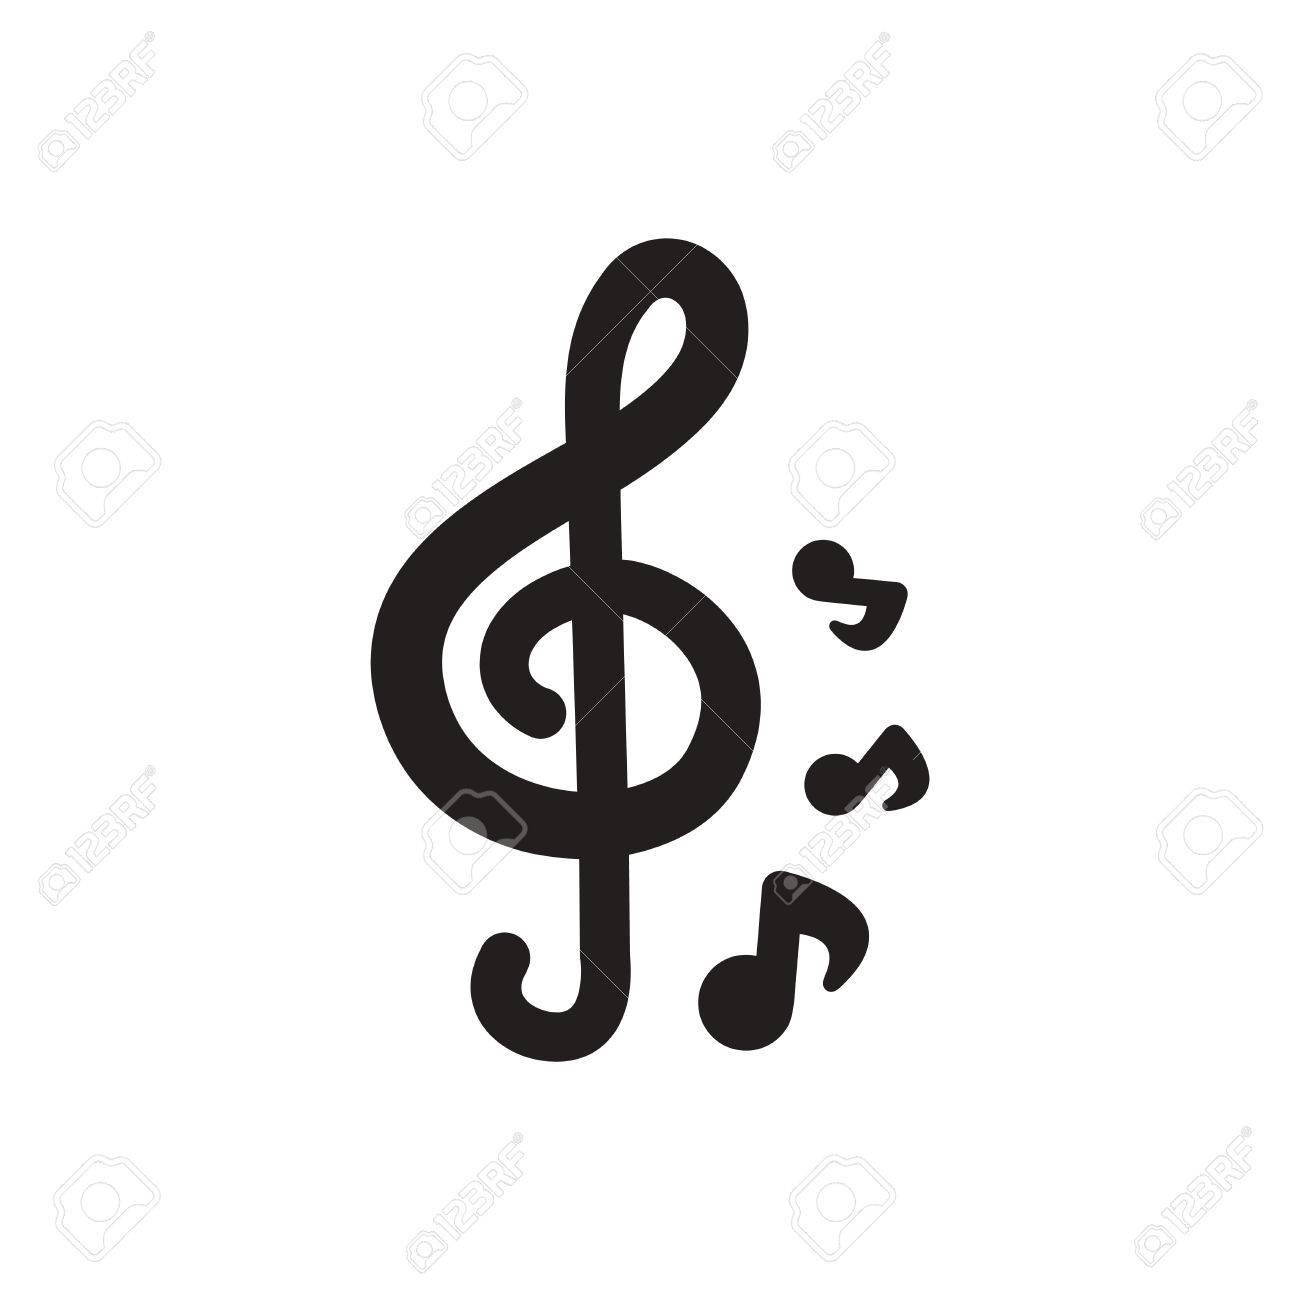 Noir Vecteur Icône Sur Fond Blanc Note De Musique Clip Art Libres De